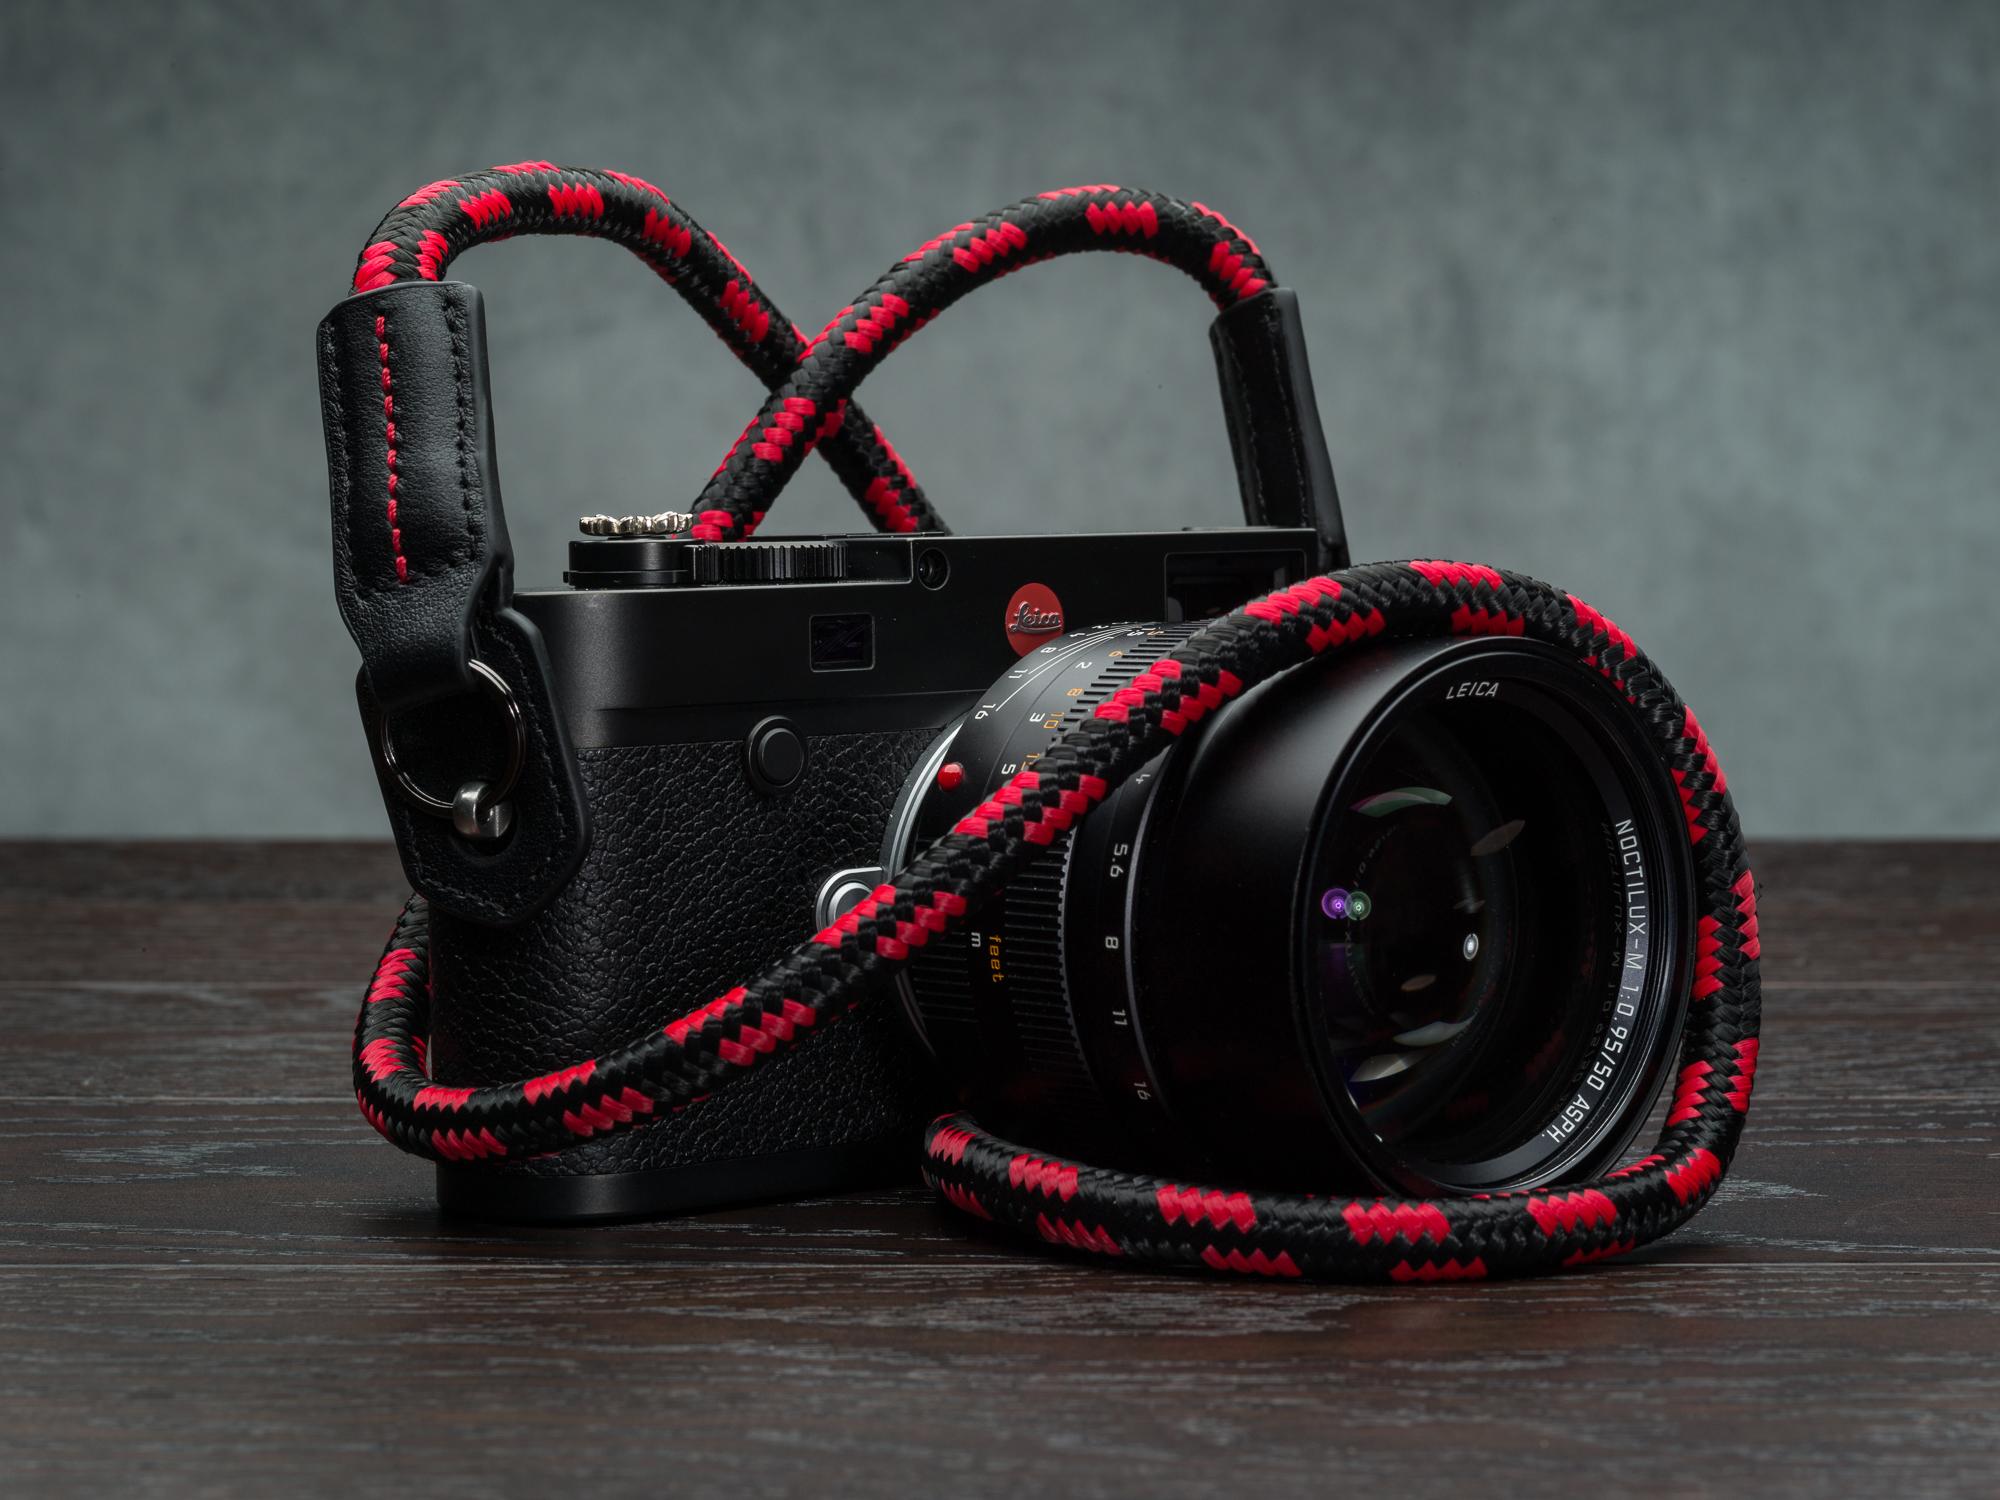 Vi vante Cliff Hanger Rope Strap Leica M10 Noctilux Camera.jpg